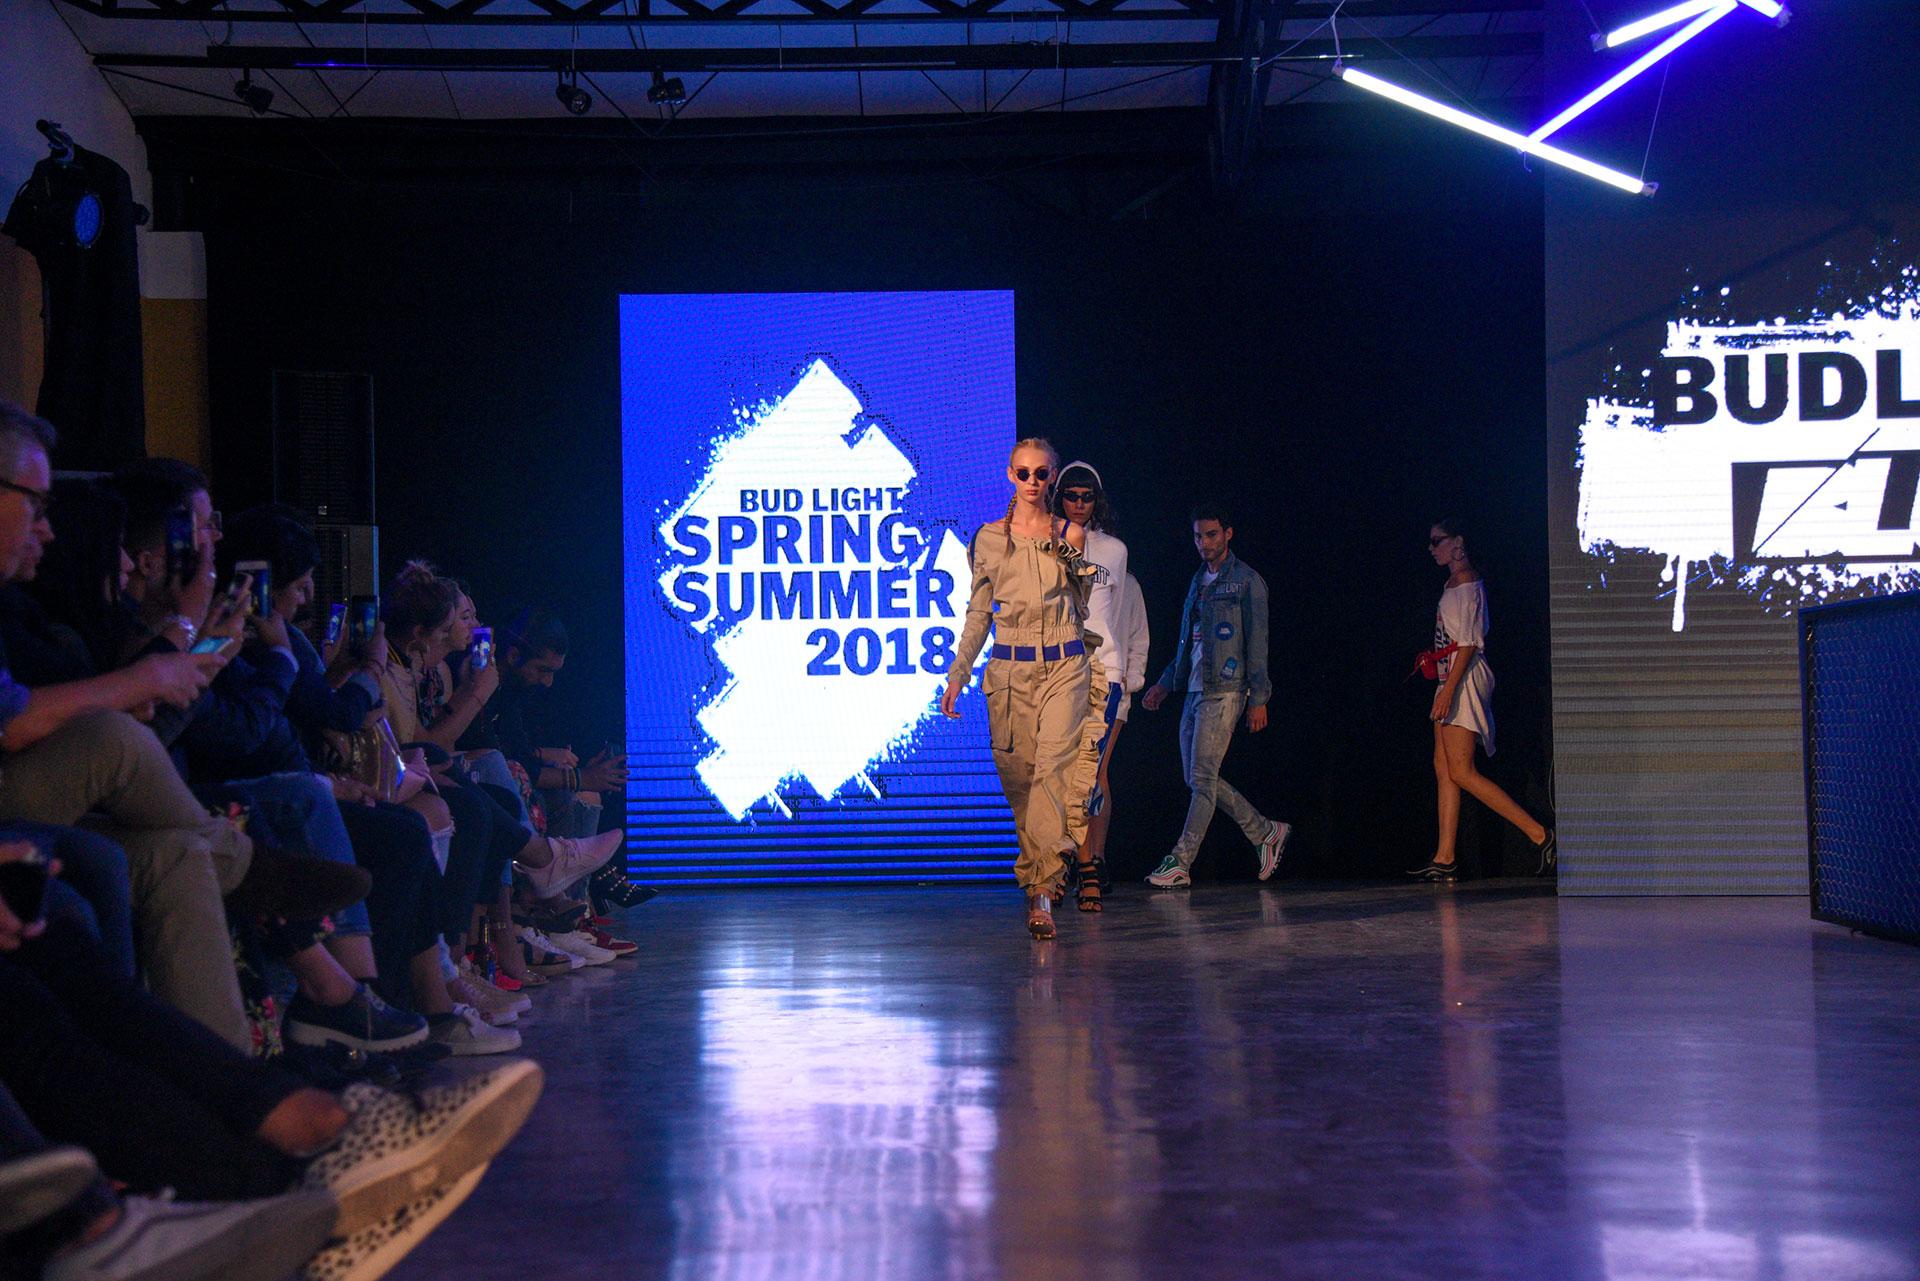 Bud Light Blue: nuestra exclusiva colección en colaboración con Bud Light llegó con todo